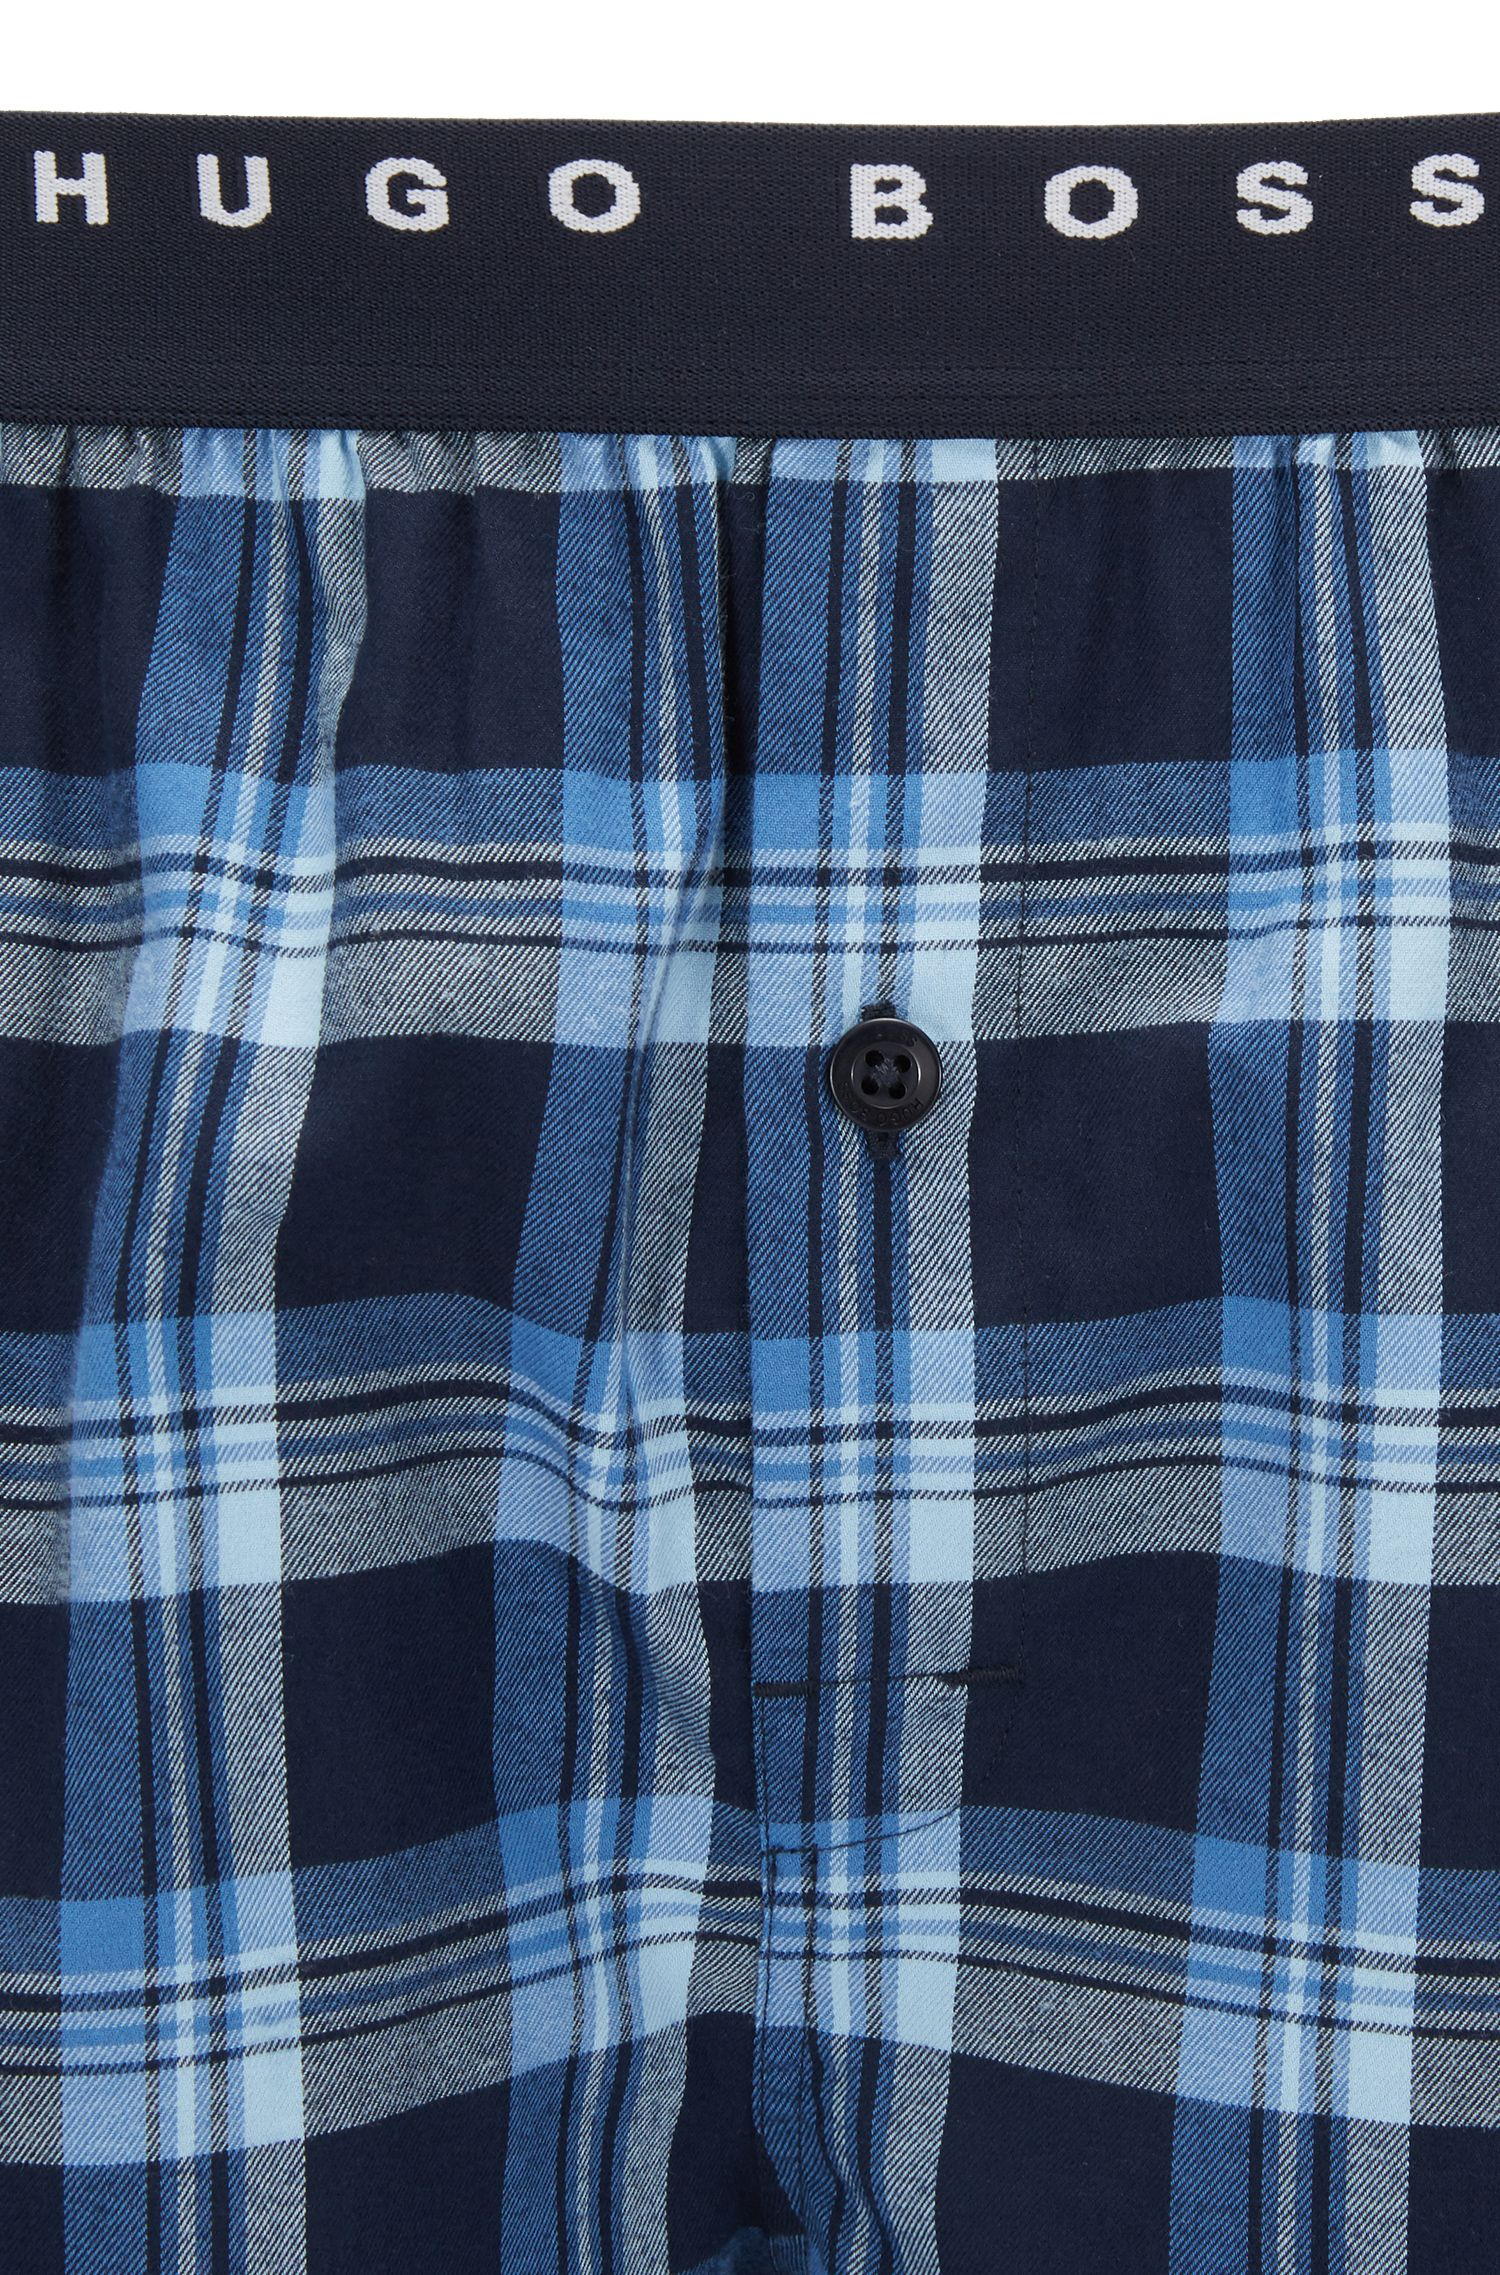 Pantaloncini del pigiama leggeri in popeline di cotone